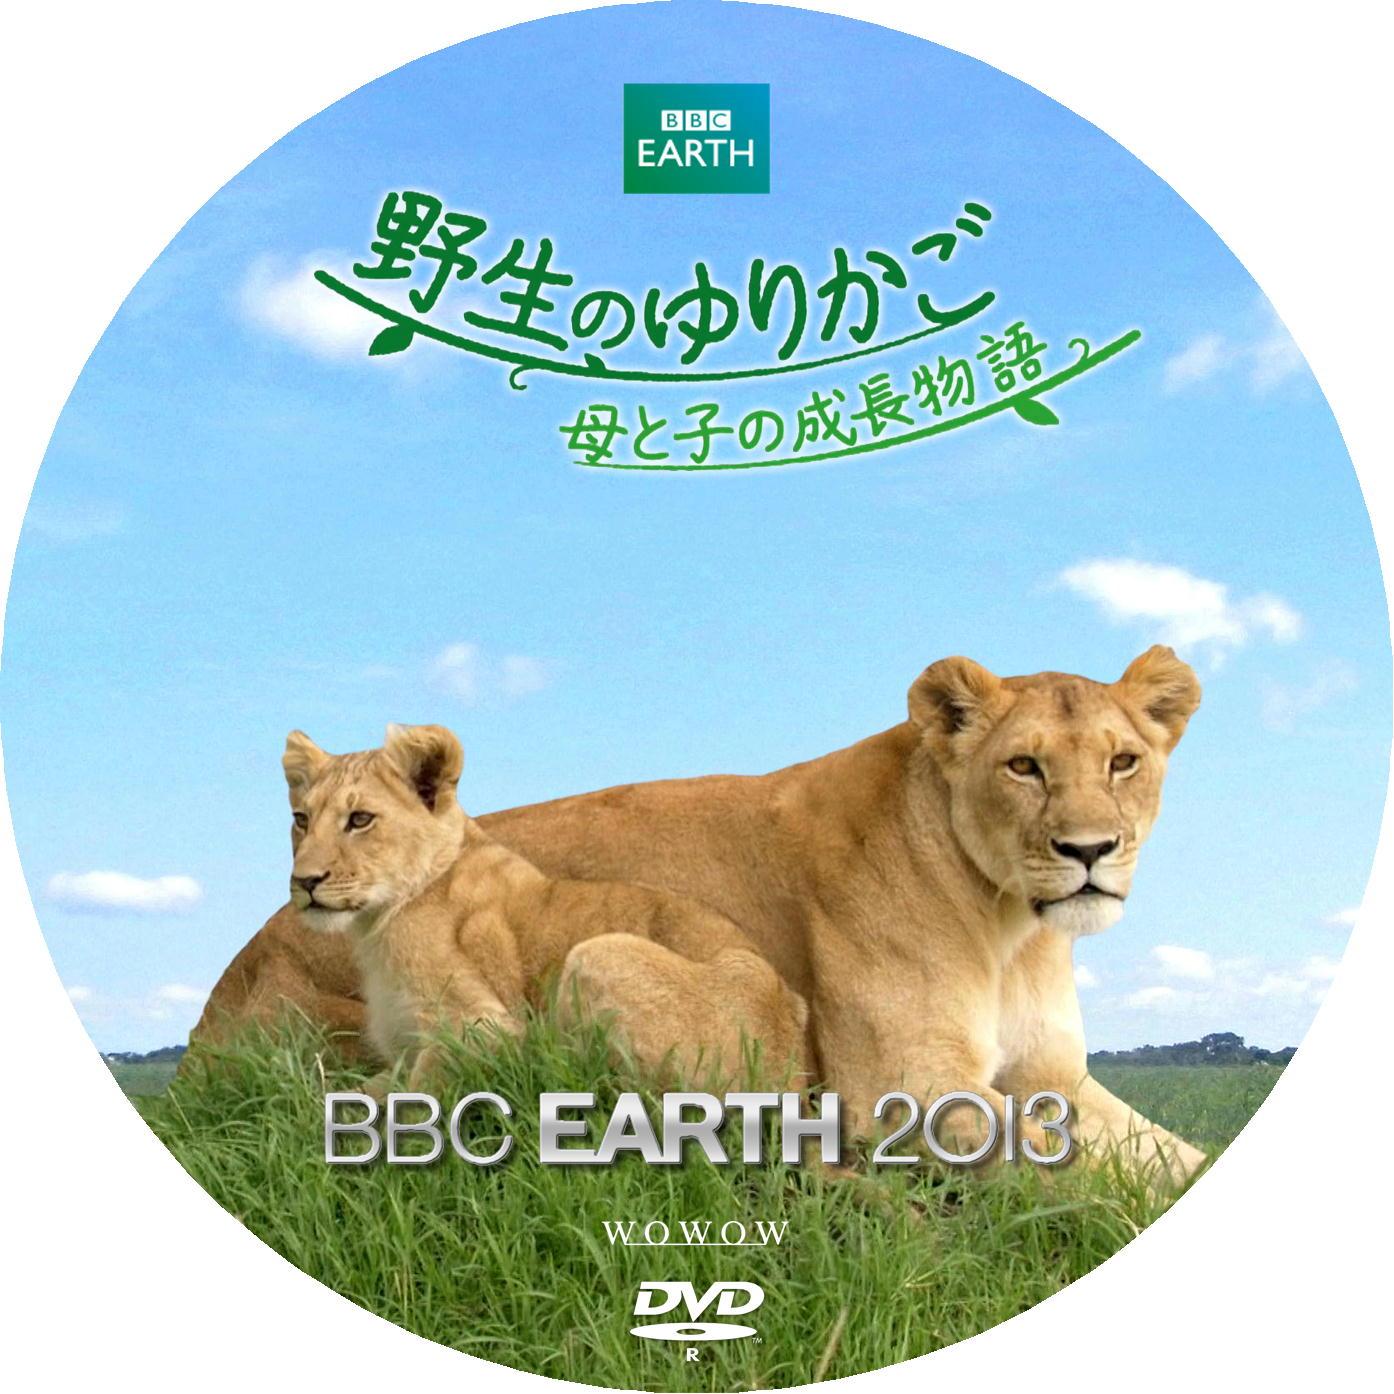 ライオン DVDラベル